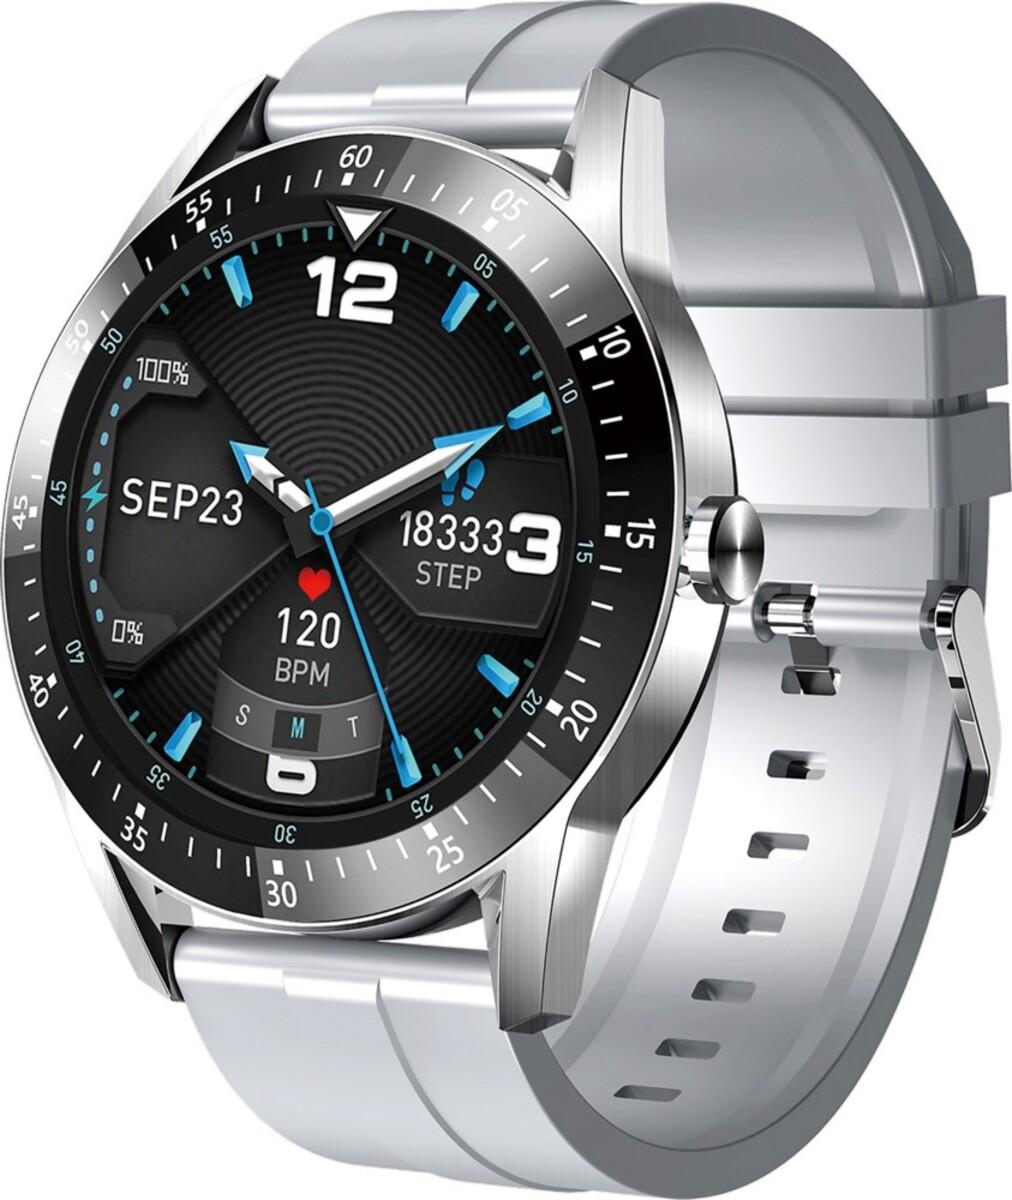 Bild 1 von Jay-Tech Smartwatch SWS11 Silber/Grau